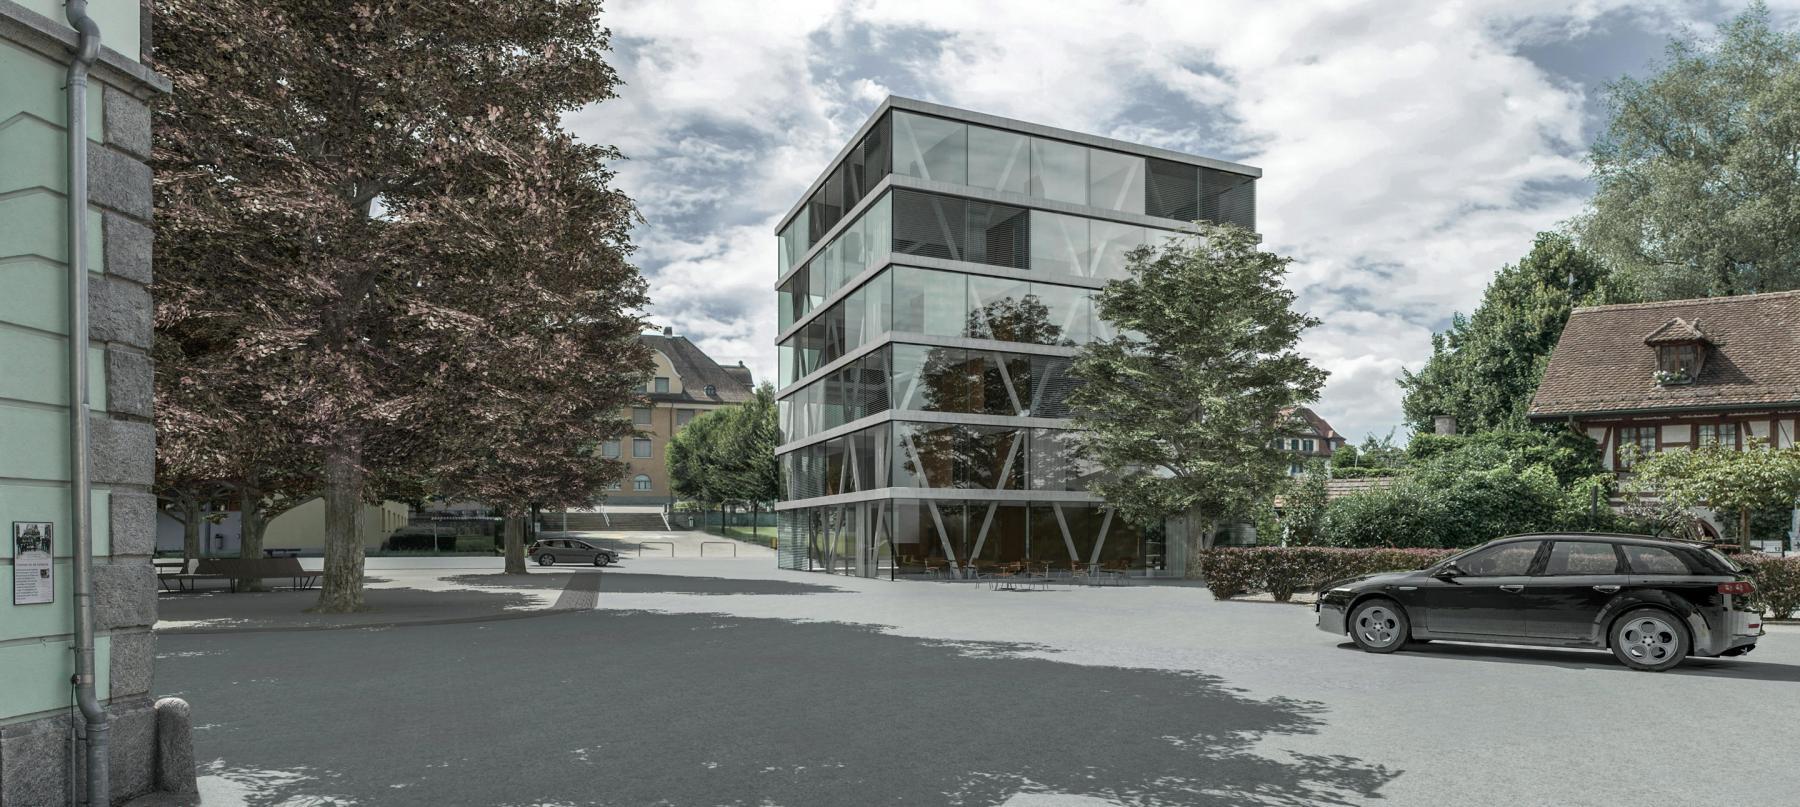 Umgestaltung Rigiplatz und Neubau Verwaltungsgebäude, Cham, Albi Nussbaumer Architekten, Konrad Hürlimann Architekt, Dorado